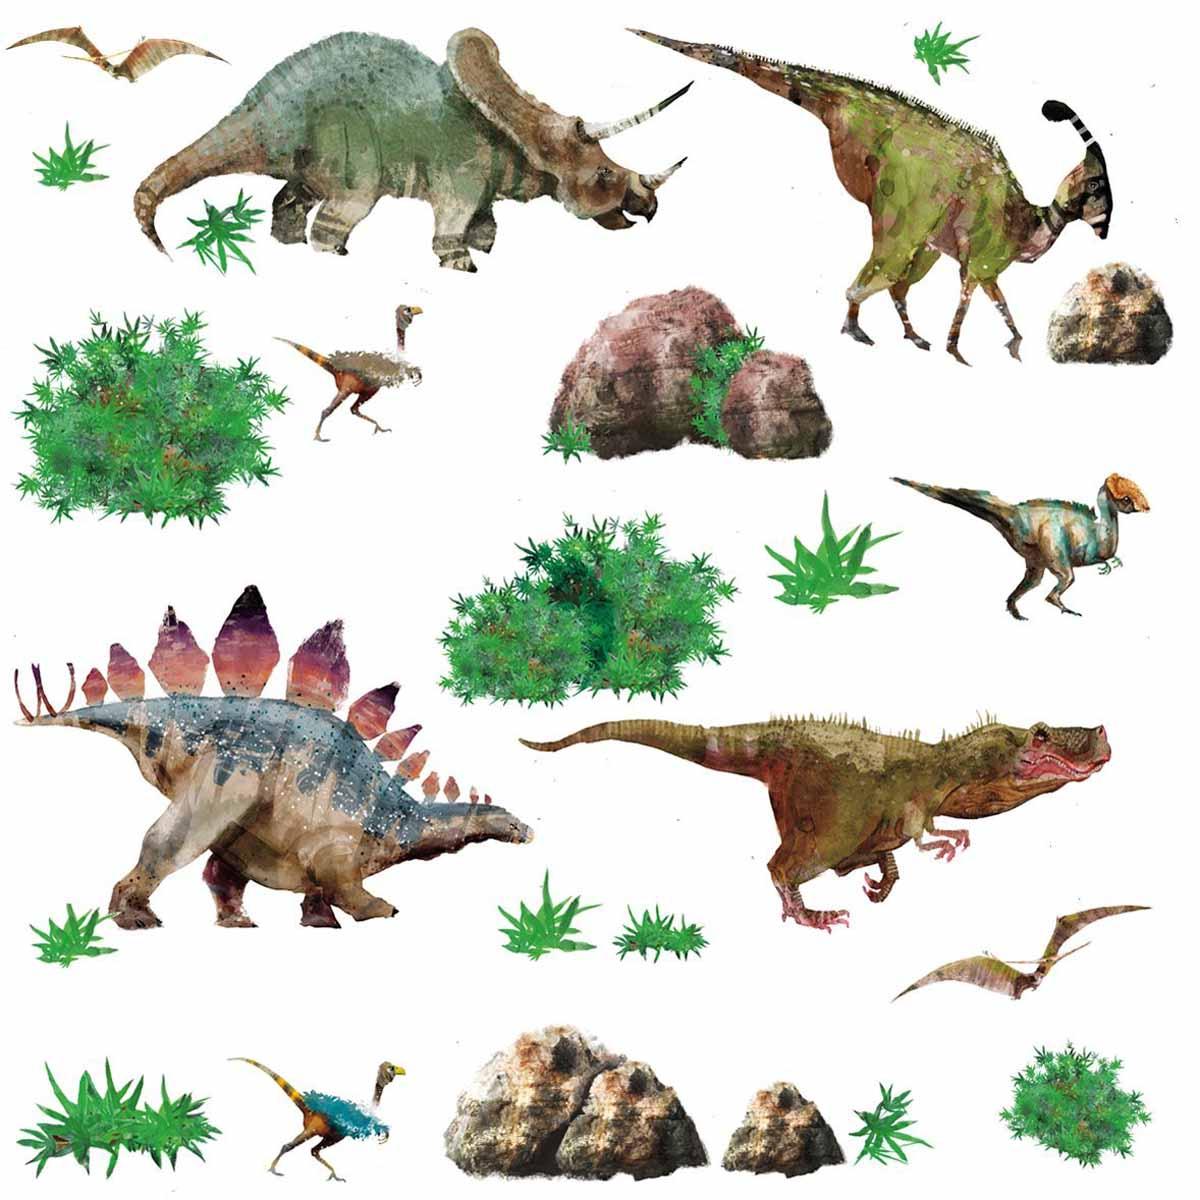 Наклейки для декора Динозавры от знаменитого производителя RoomMates станут украшением вашей квартиры! Новый увлекательный набор наклеек для декора приведет в восторг маленьких любителей палеонтологии! Наклейки, входящие в набор, содержат изображения различных динозавров, а также растений, окружающих их. Всего в наборе 25 стикеров. Наклейки не нужно вырезать - их следует просто отсоединить от защитного слоя и поместить на стену или любую другую плоскую гладкую поверхность. Наклейки многоразовые: их легко переклеивать и снимать со стены, они не оставляют липких следов на поверхности. В каждой индивидуальной упаковке вы можете найти 4 листа с различными наклейками! Таким образом, покупая наклейки фирмы RoomMates, вы получаете гораздо больший ассортимент наклеек, имея возможность украсить ими различные поверхности в доме.